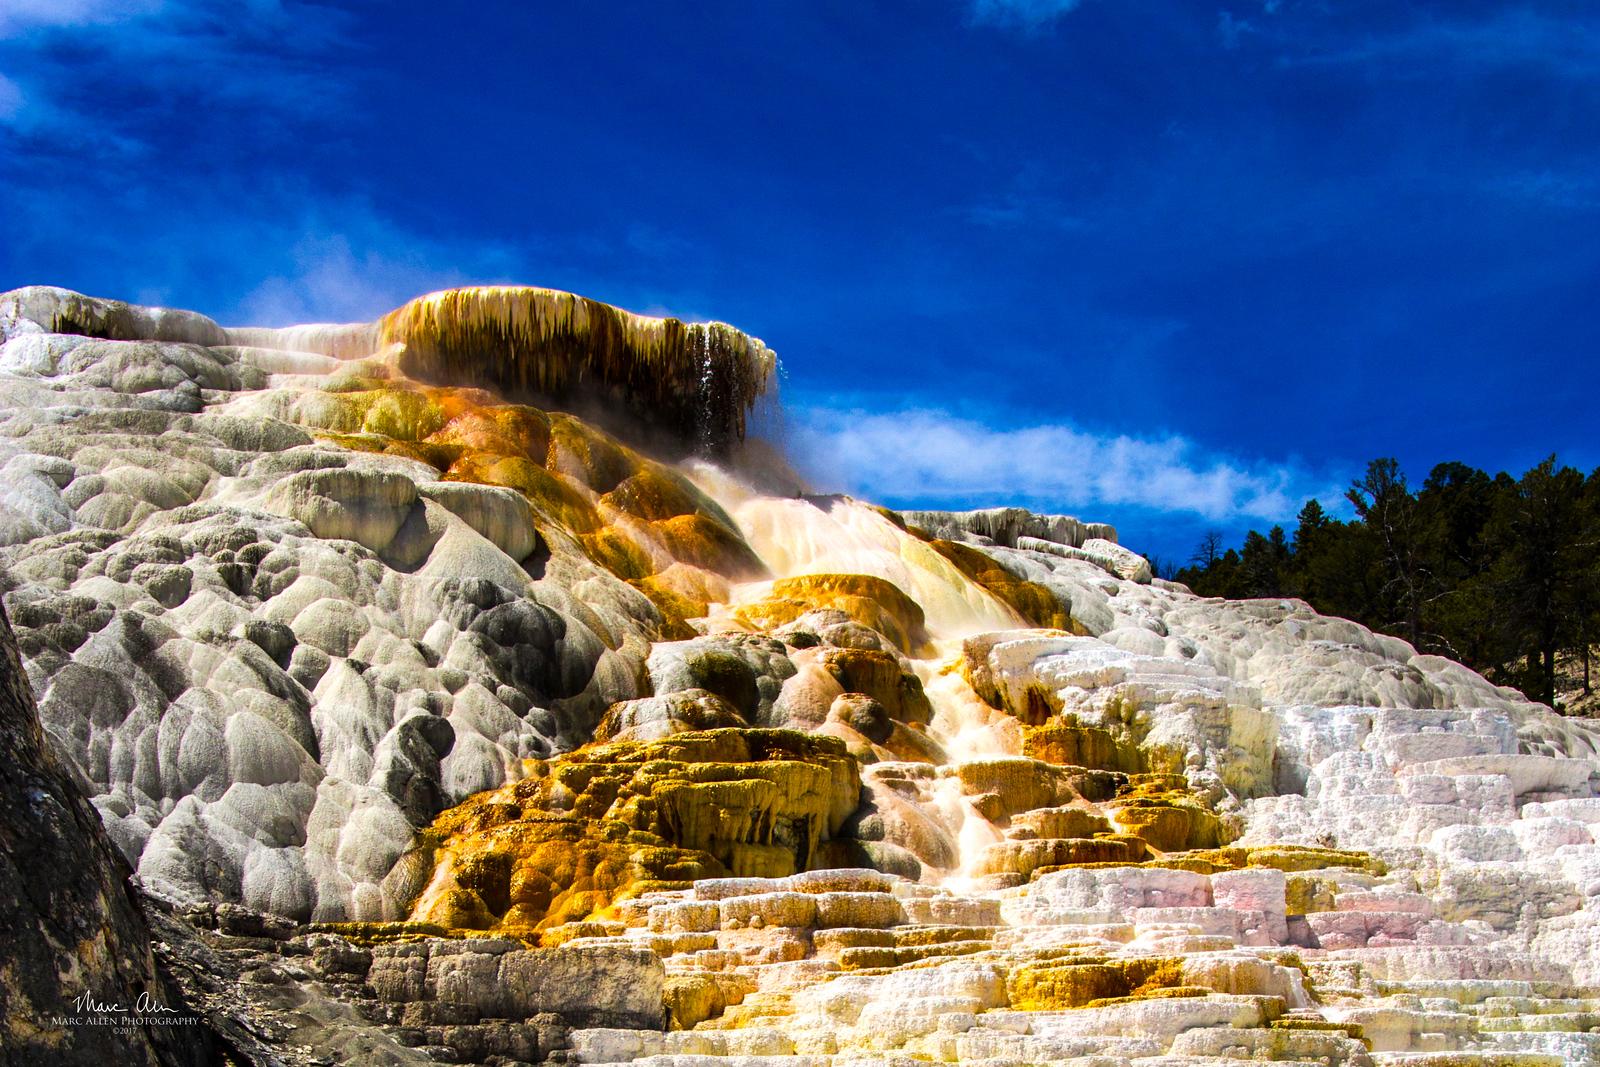 Mammoth Hot Springs, June 25, 2014.